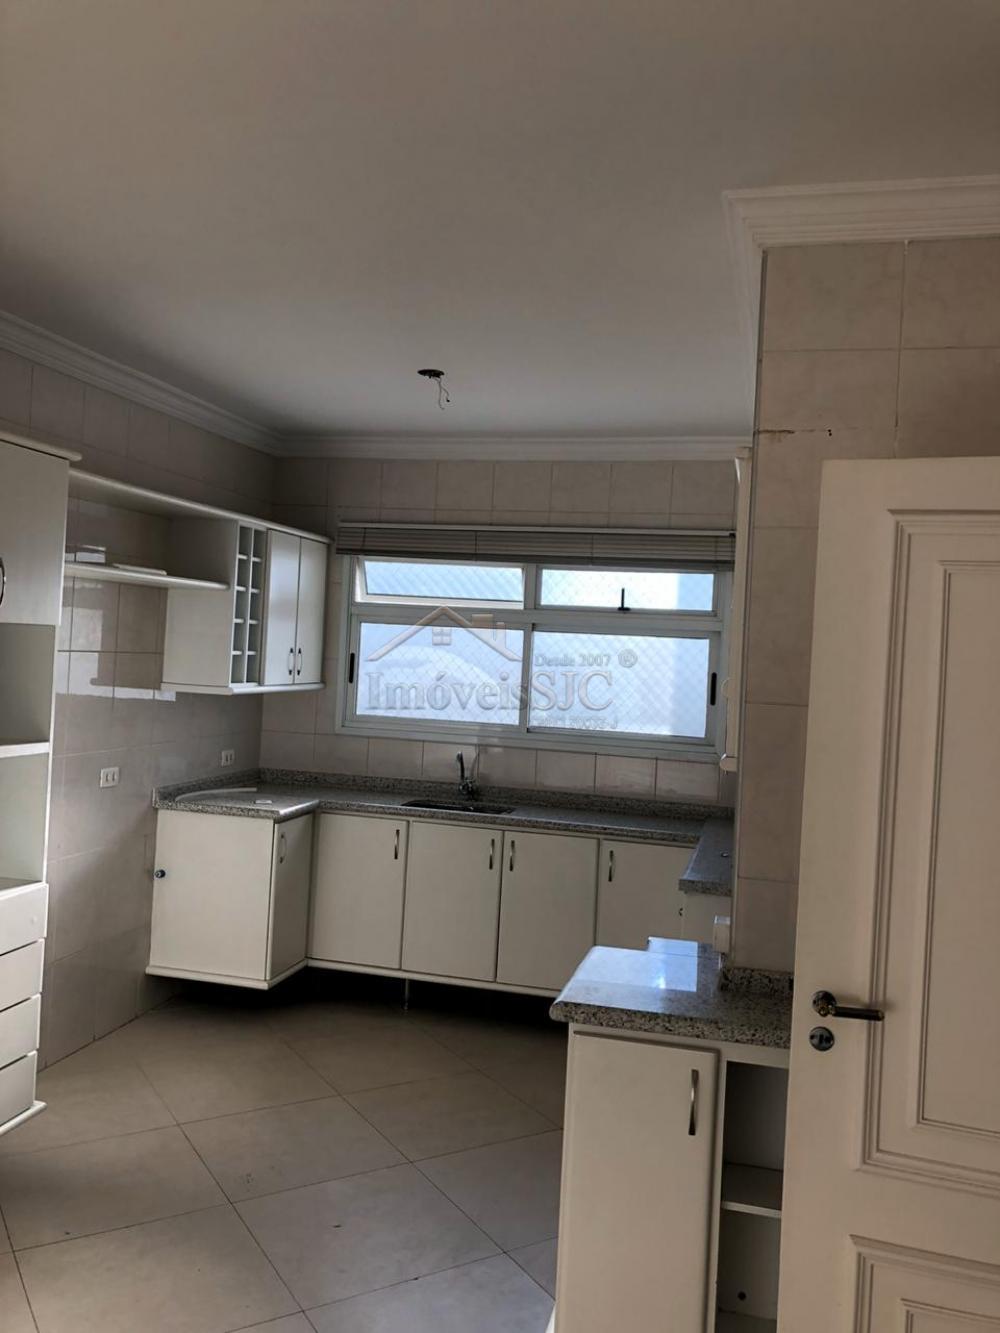 Alugar Apartamentos / Cobertura em São José dos Campos apenas R$ 3.300,00 - Foto 8